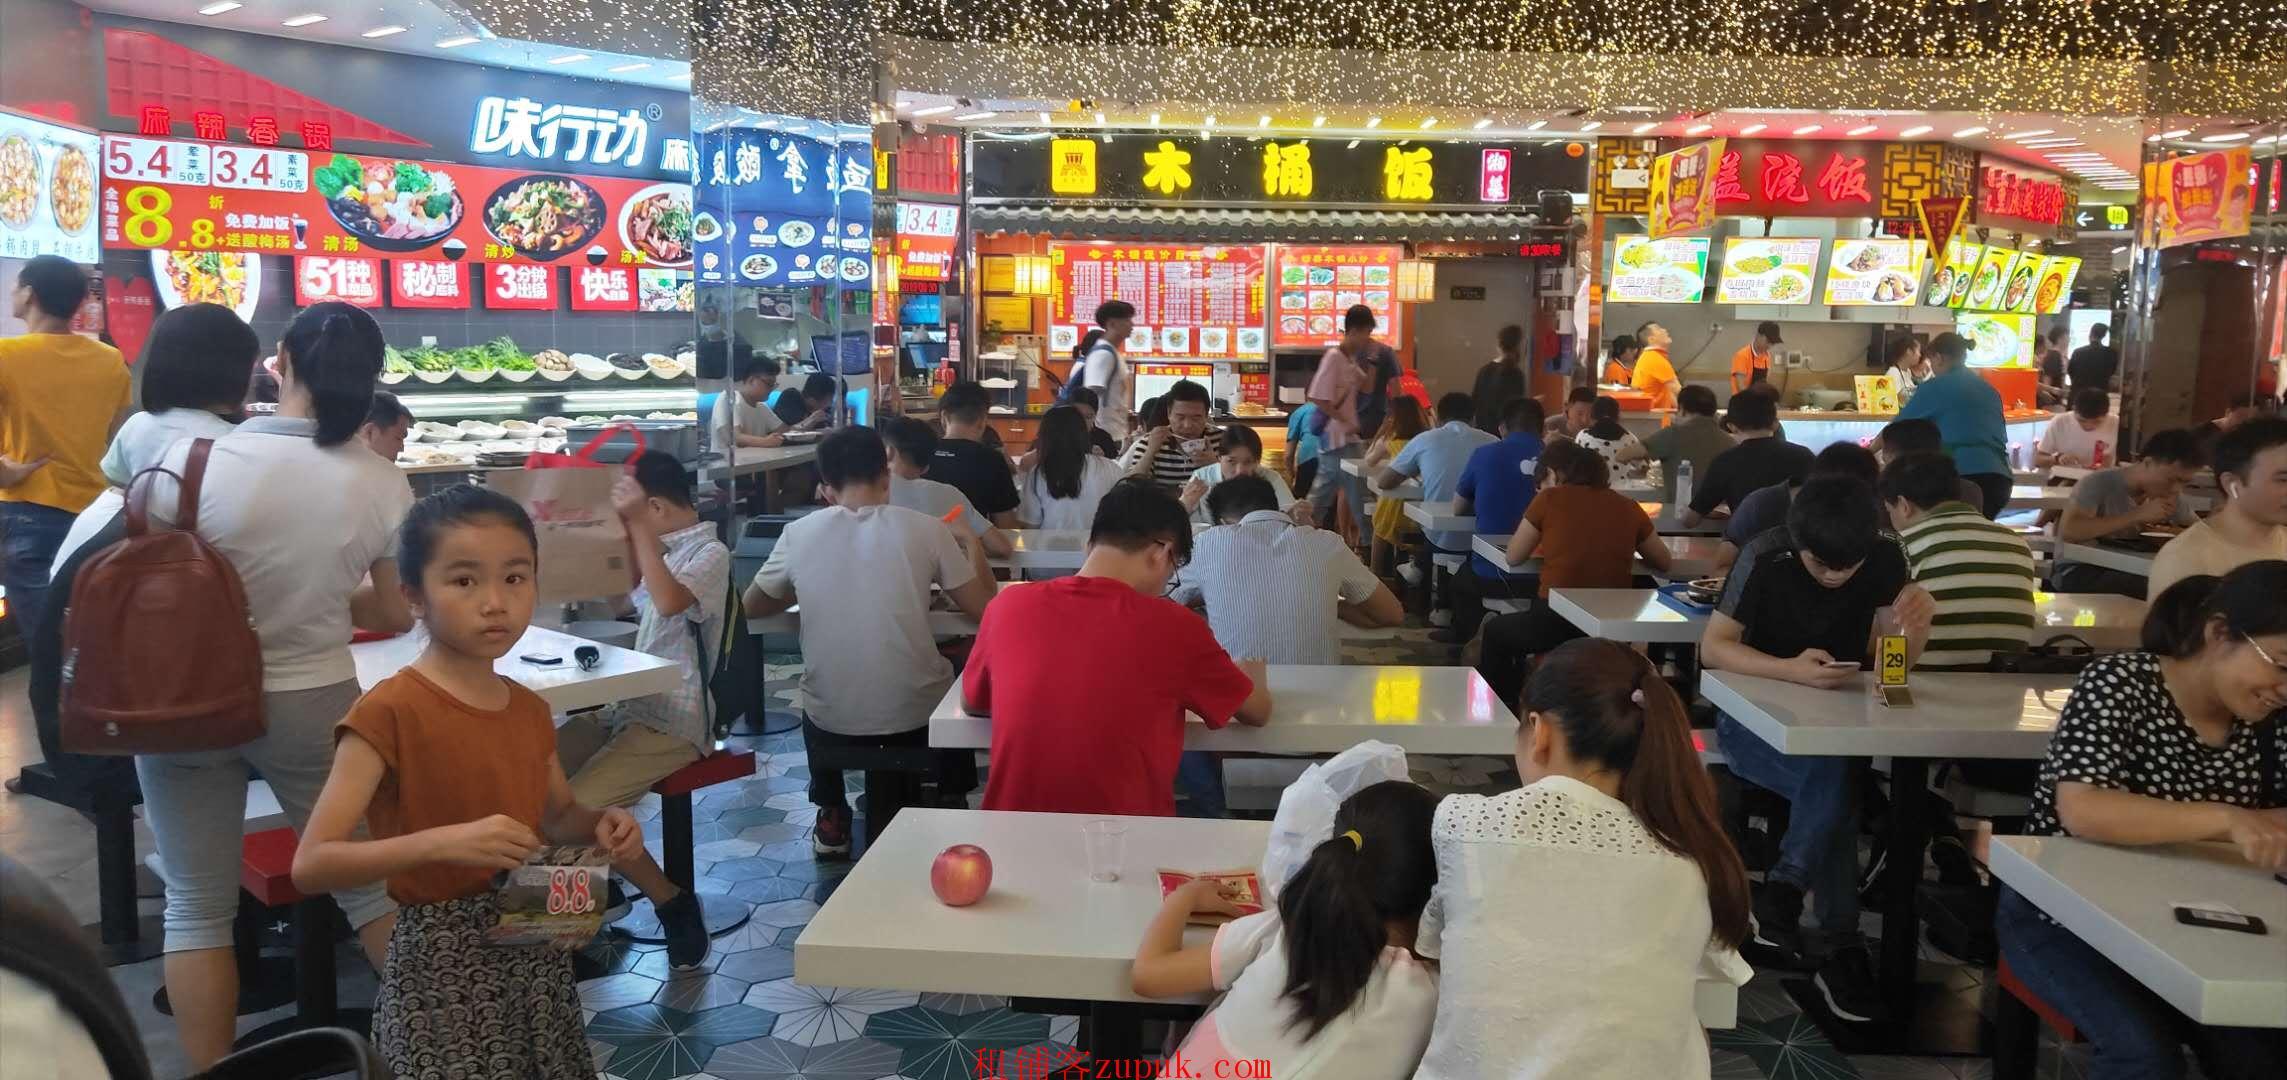 宝岗大道-地铁站,小吃店,证照齐全,门口人超多,业态不限